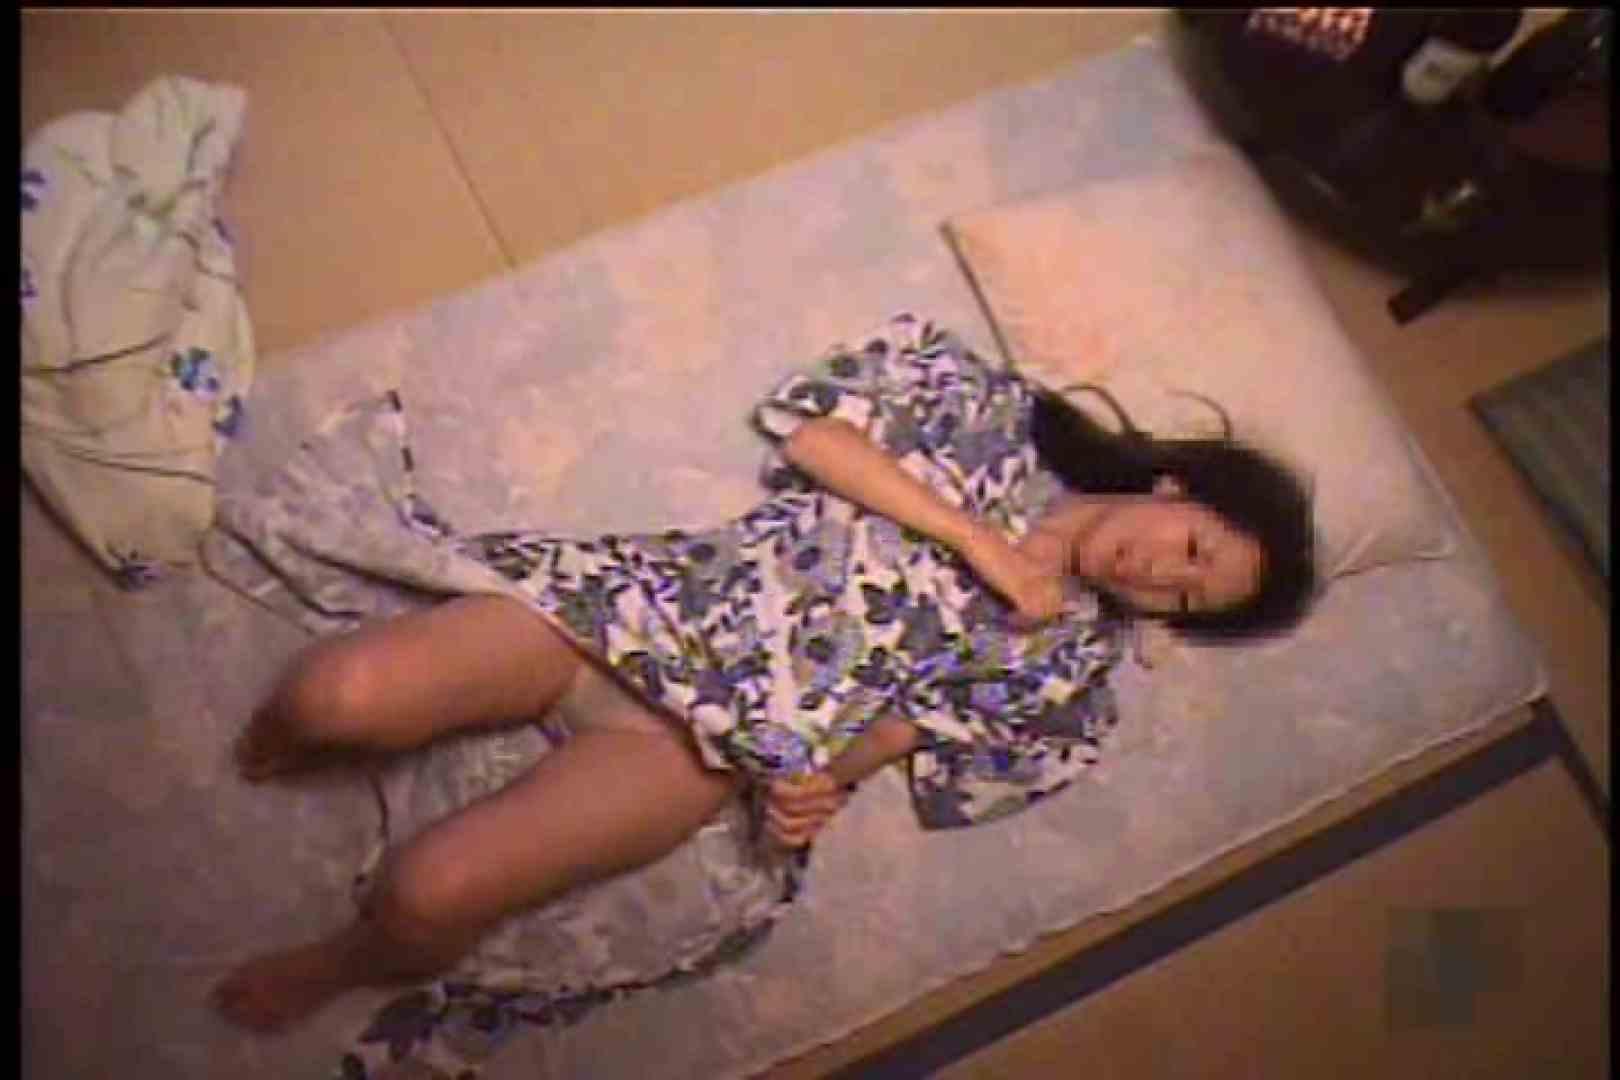 女性専用会員制風俗の実態!!Vol.6 性欲 覗きぱこり動画紹介 98画像 71